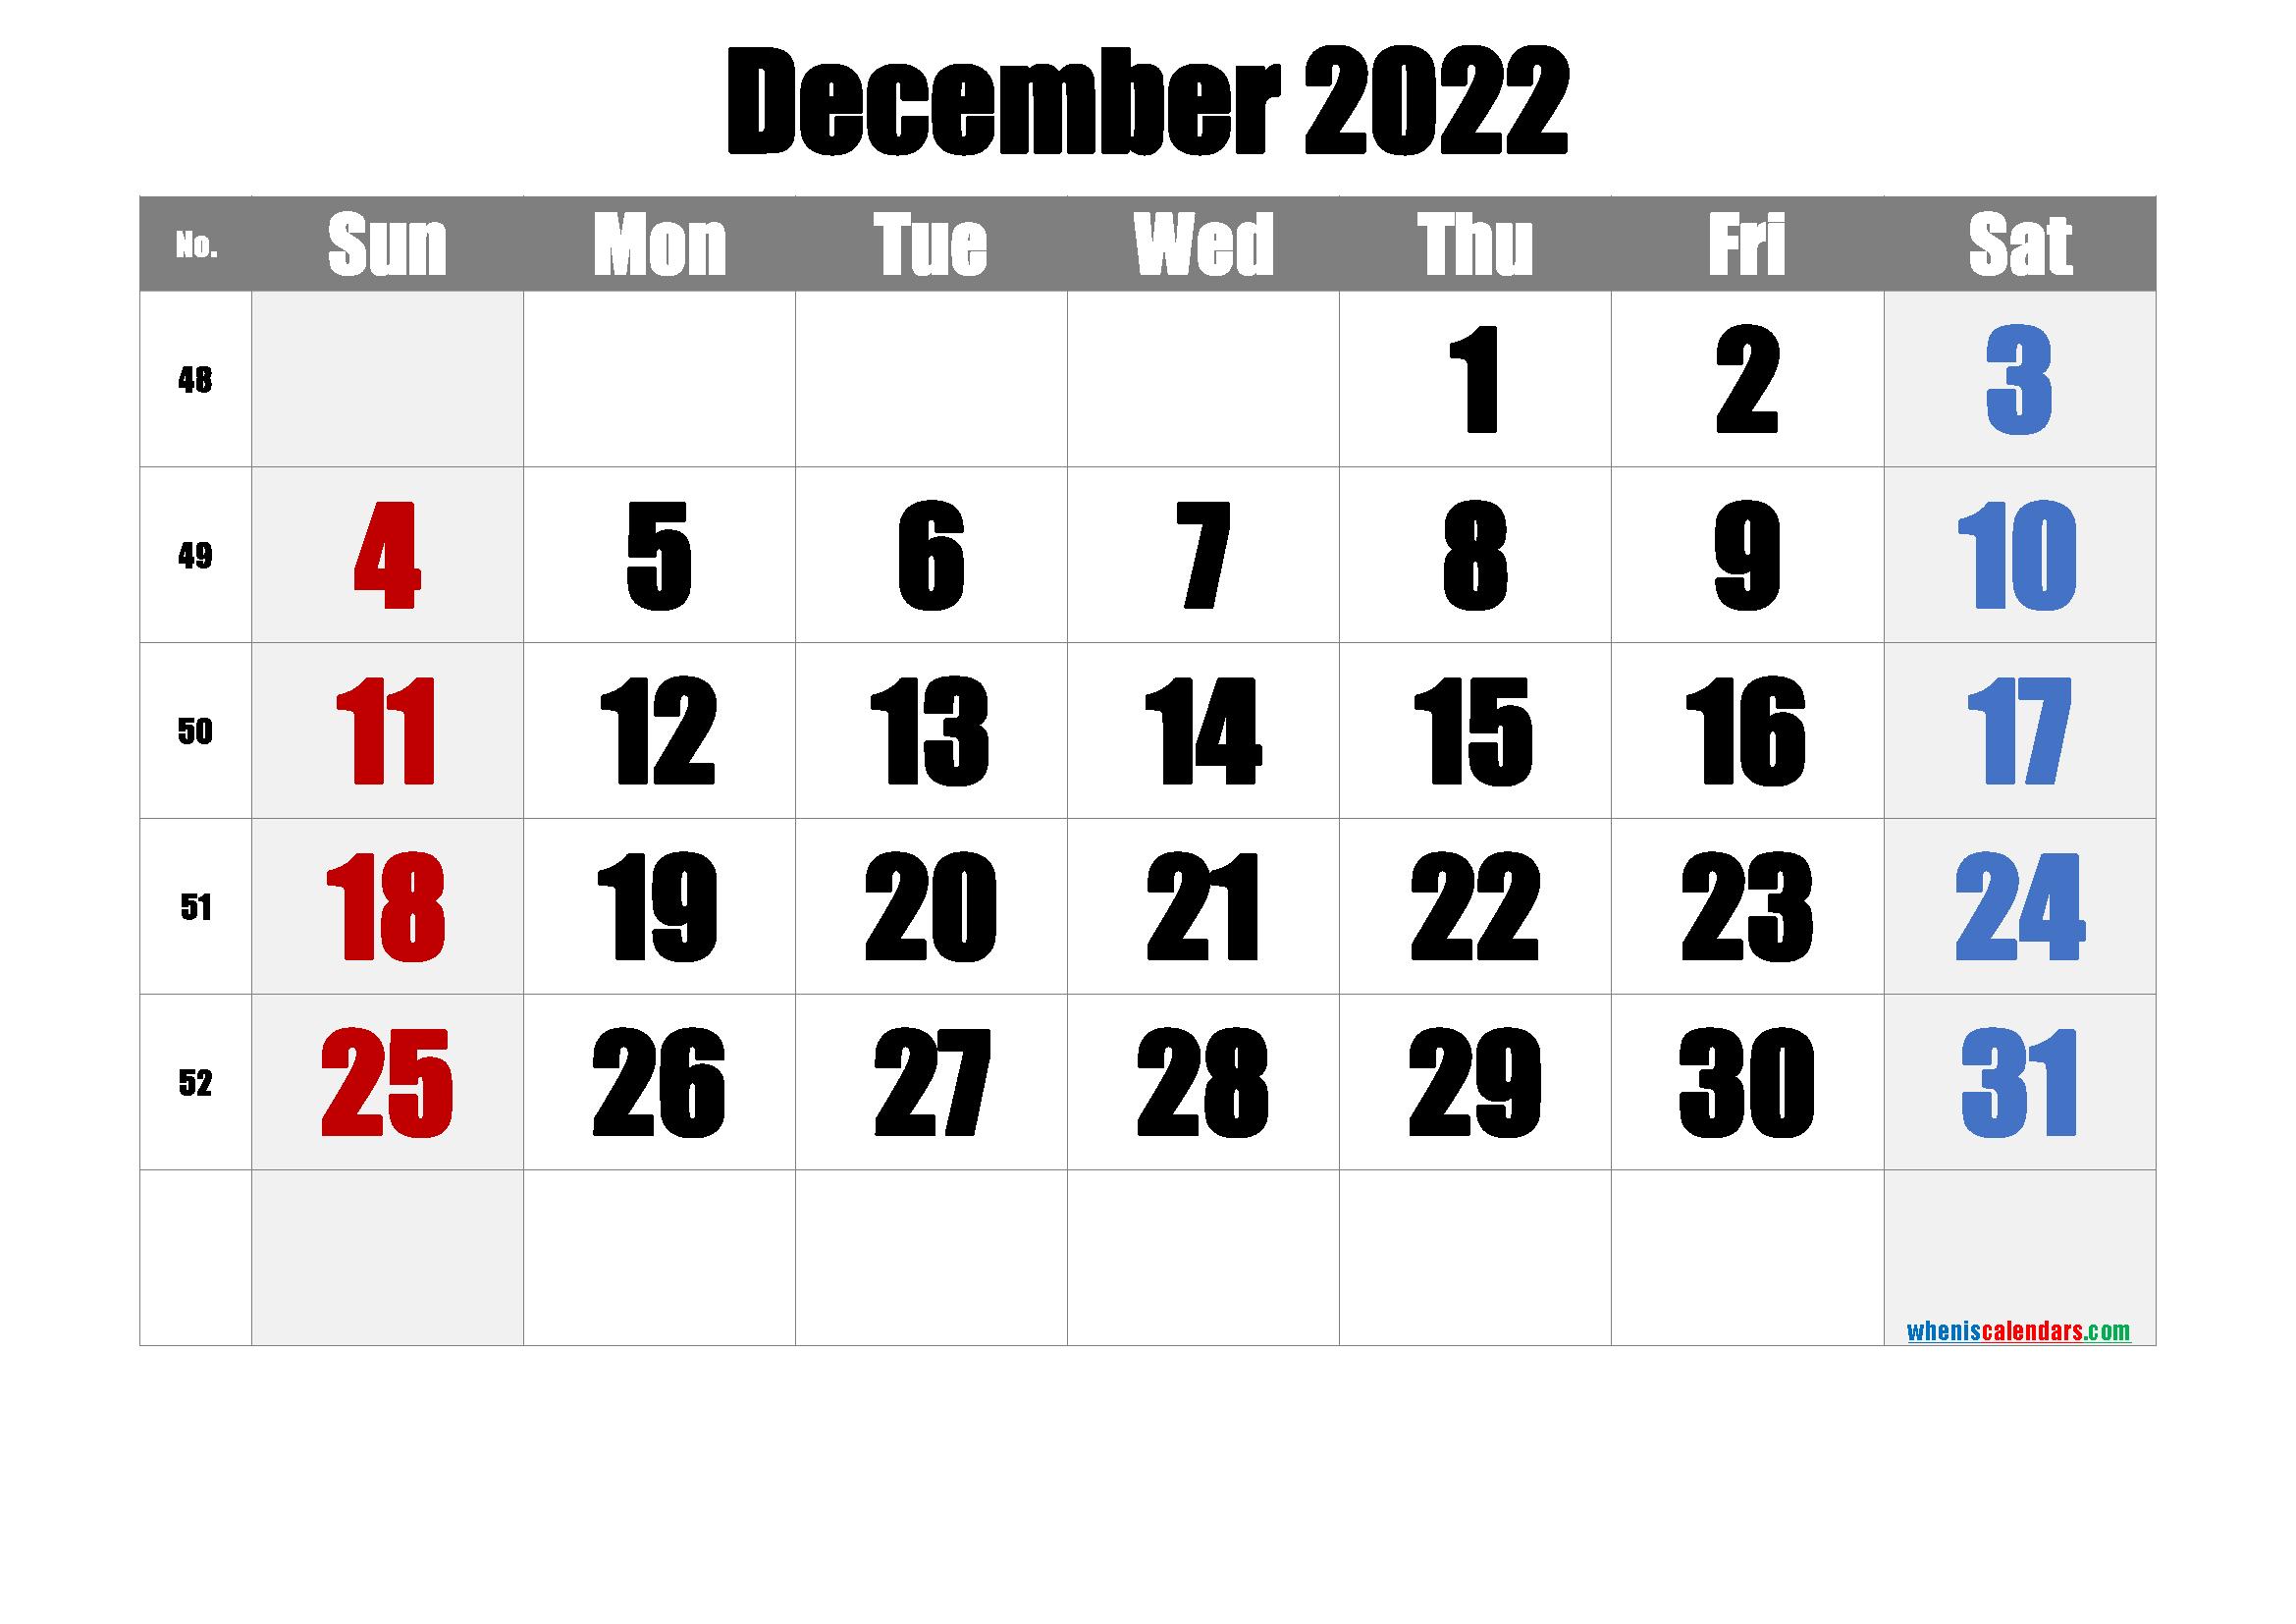 Free December 2022 Calendar with Week Numbers